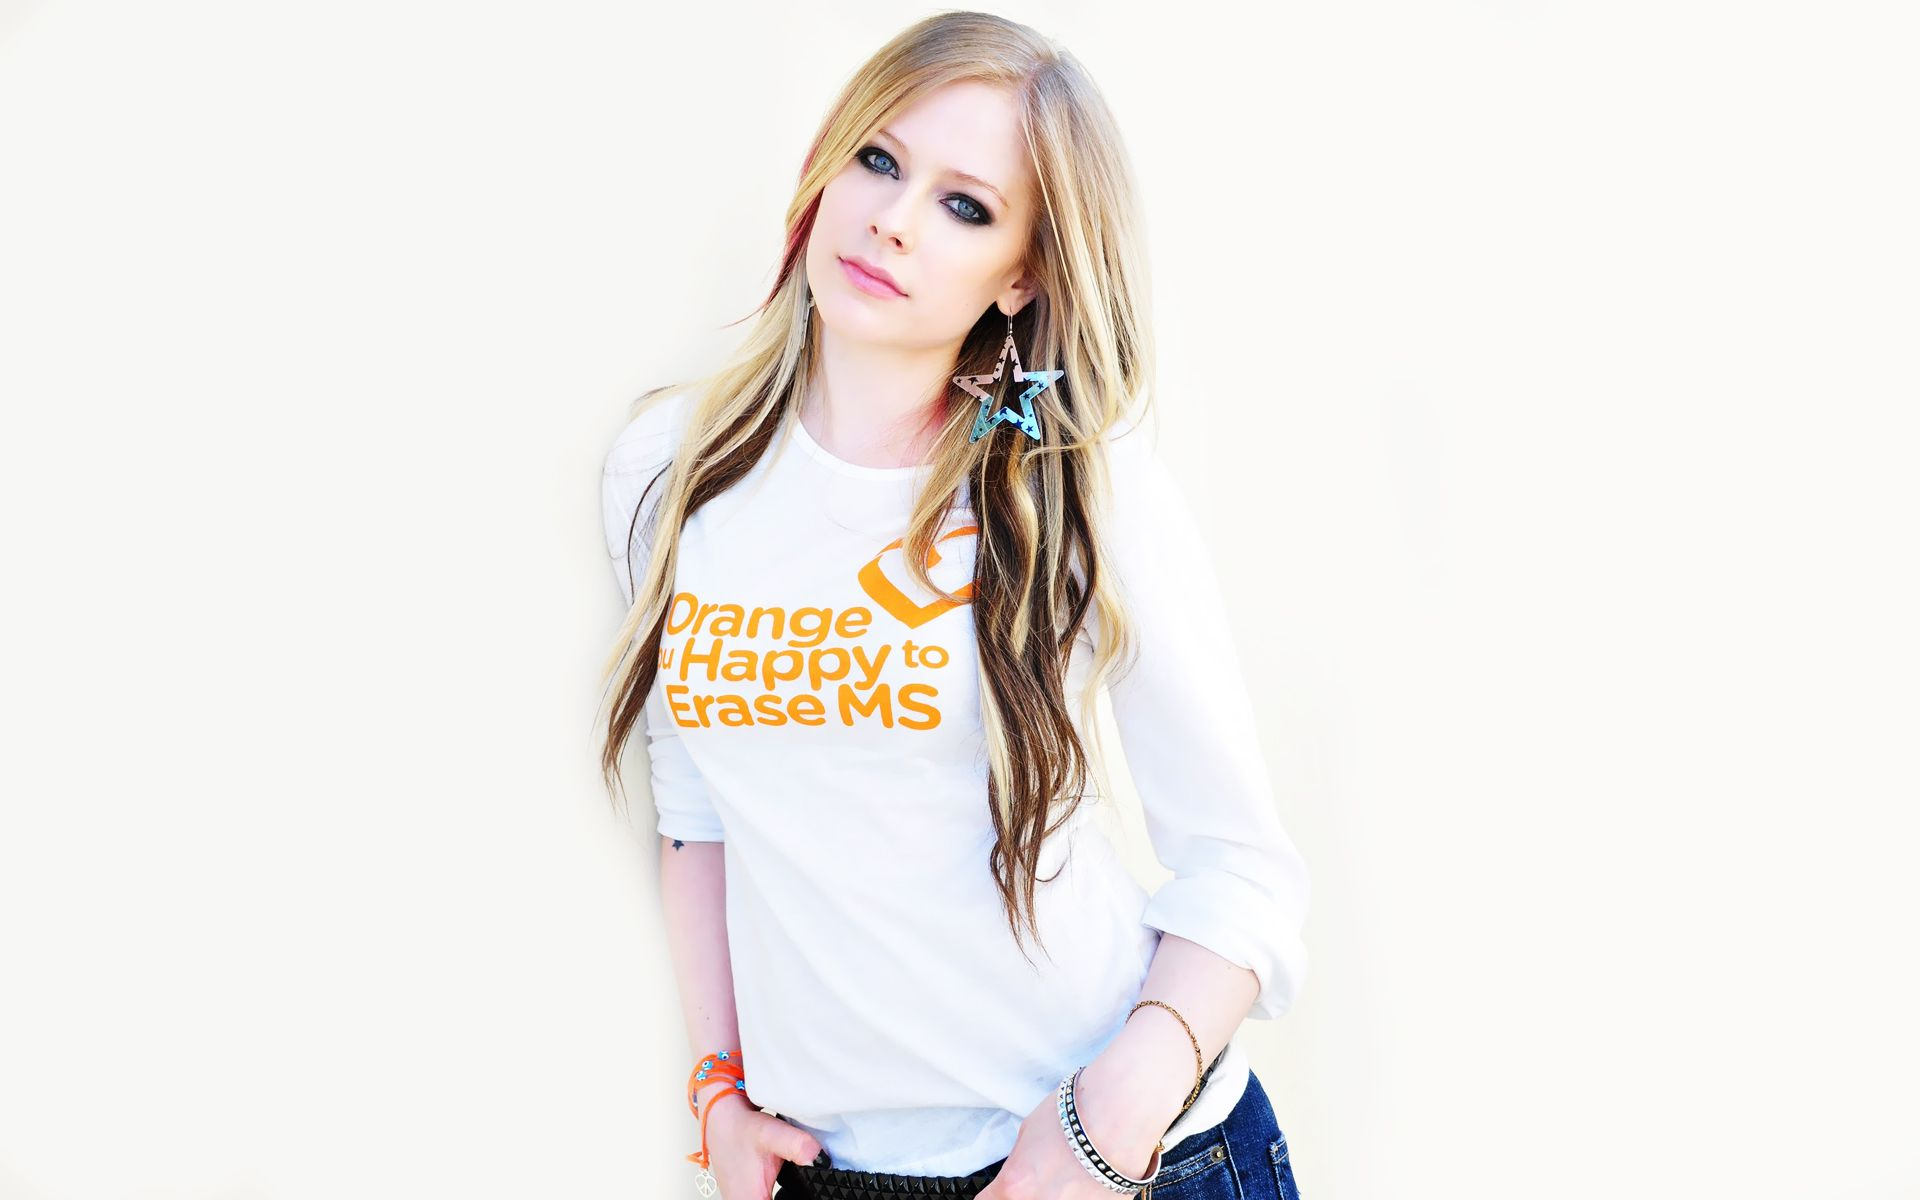 Avril Lavigne Wallpaper wallpapers Avril Lavigne Wallpaper